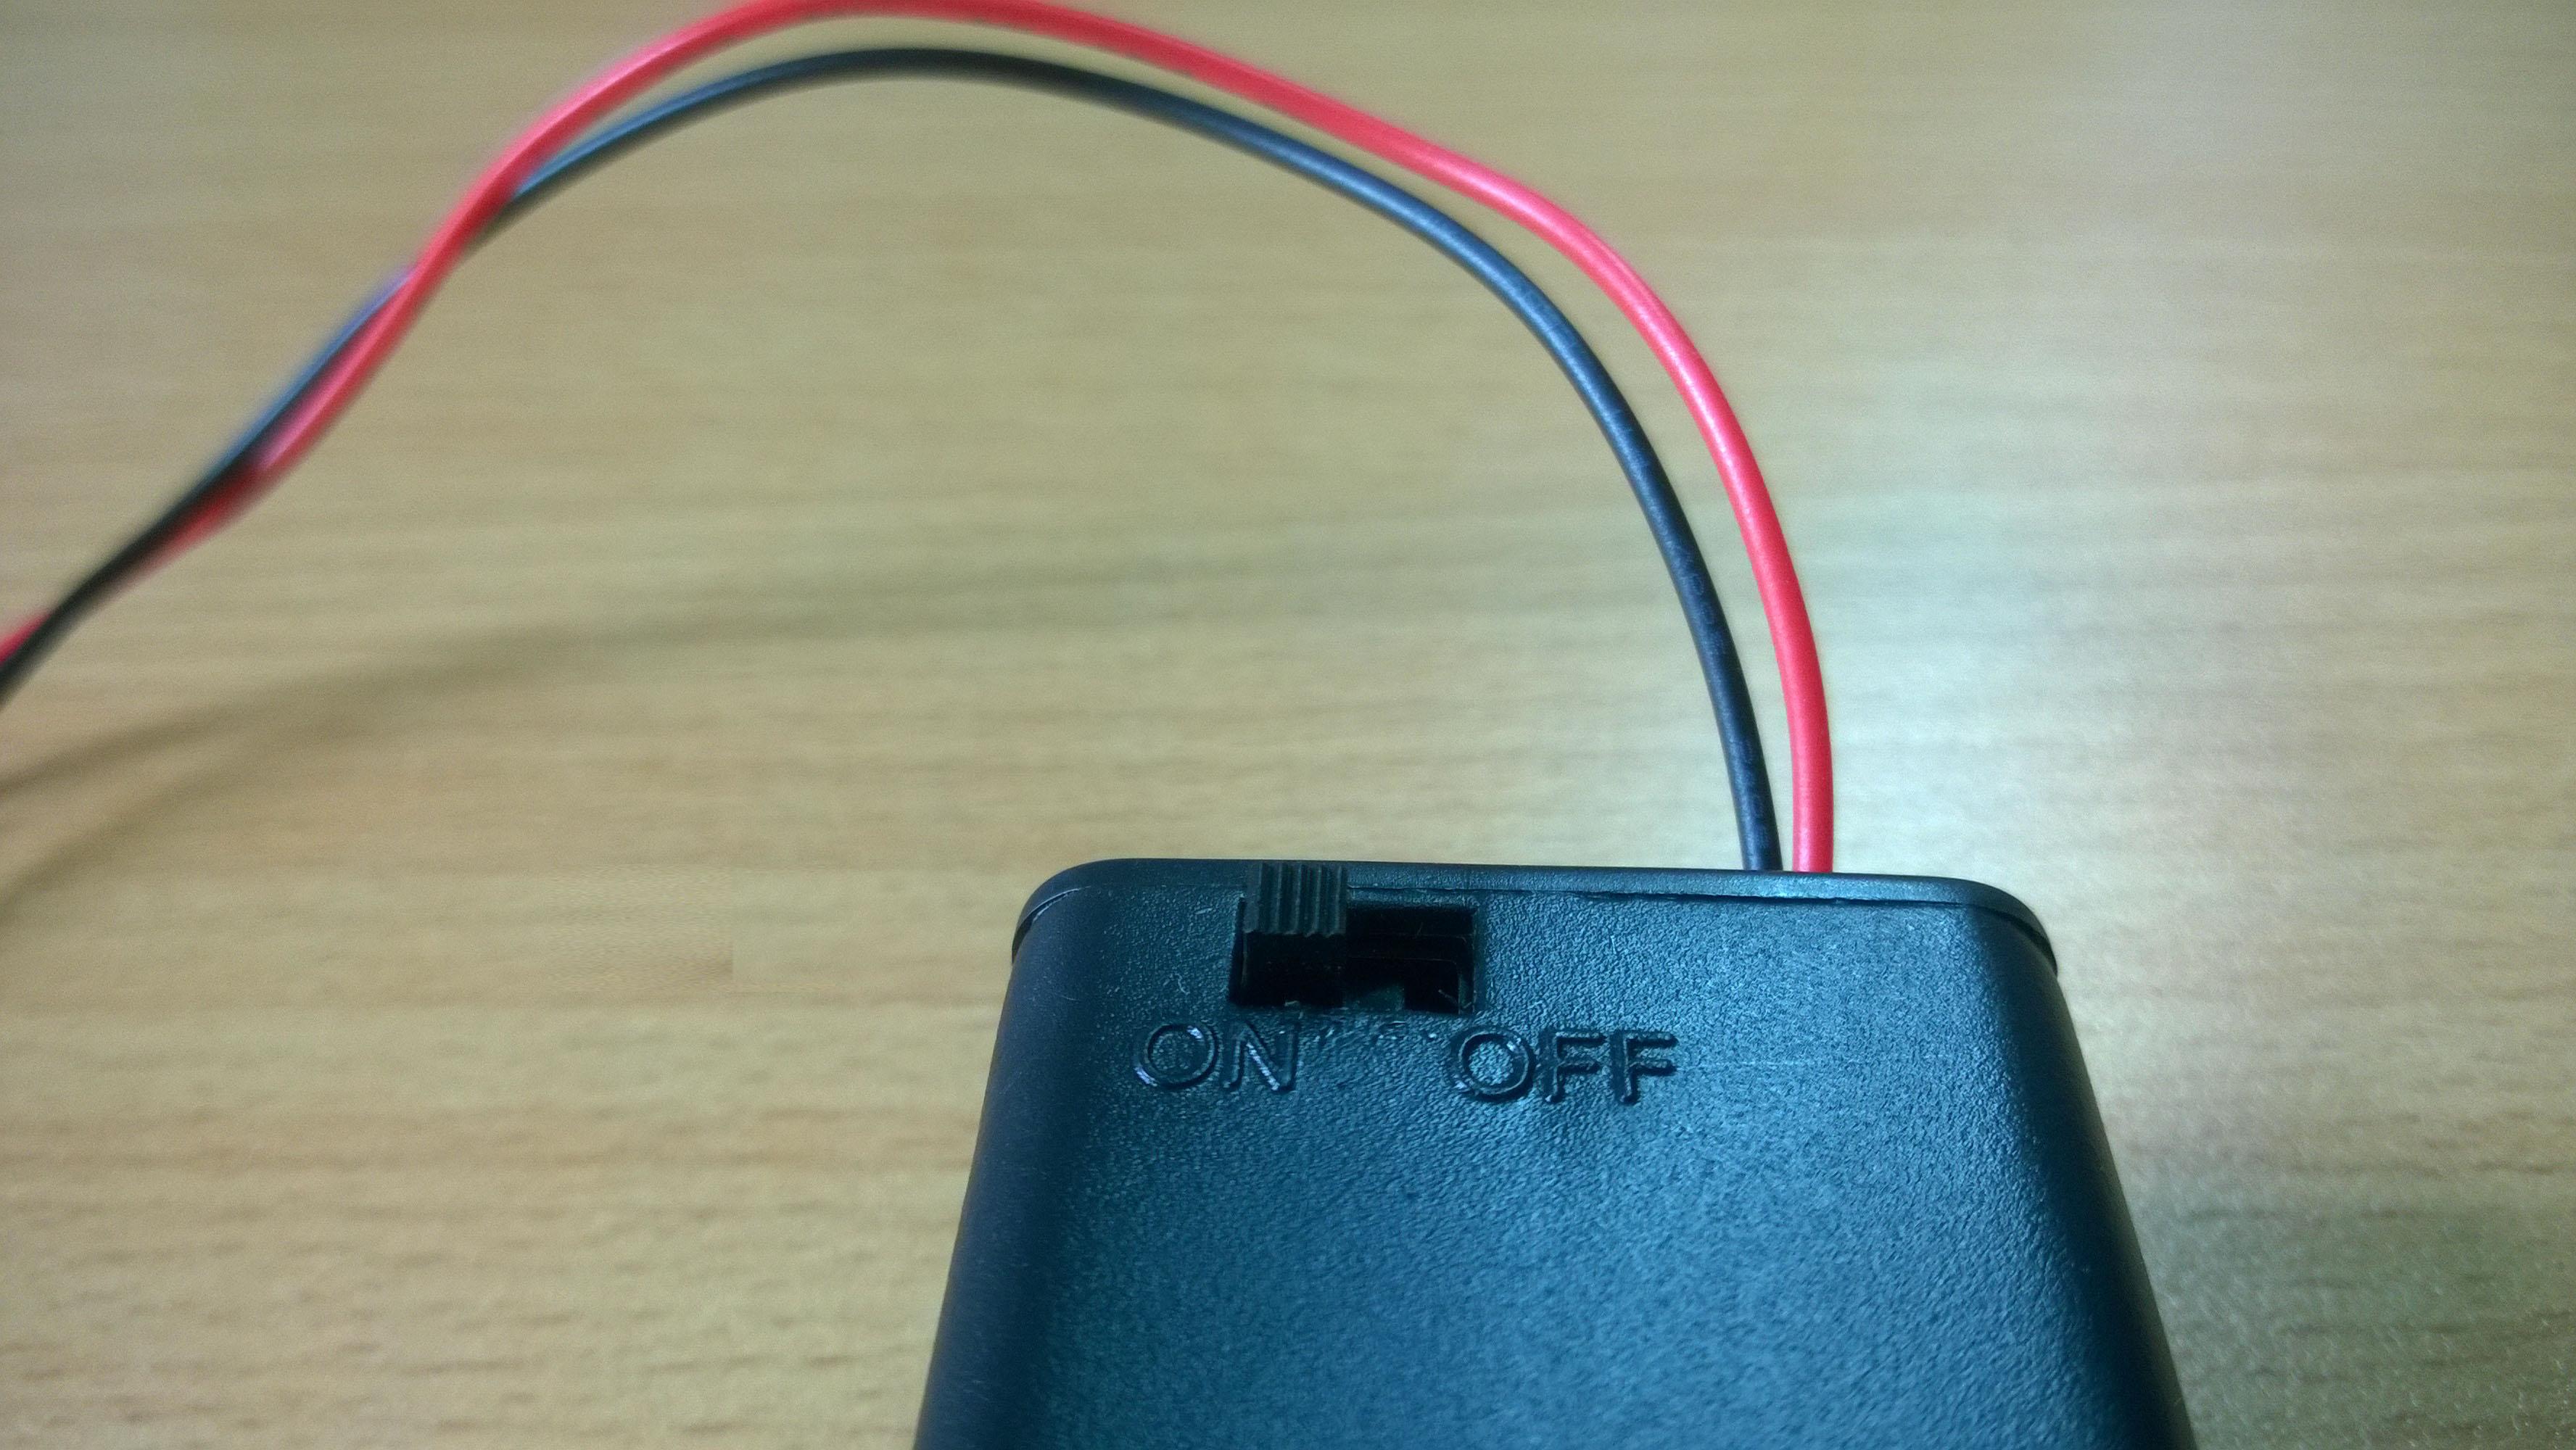 Công tắc bật-tắt tích hợp trên hộp pin